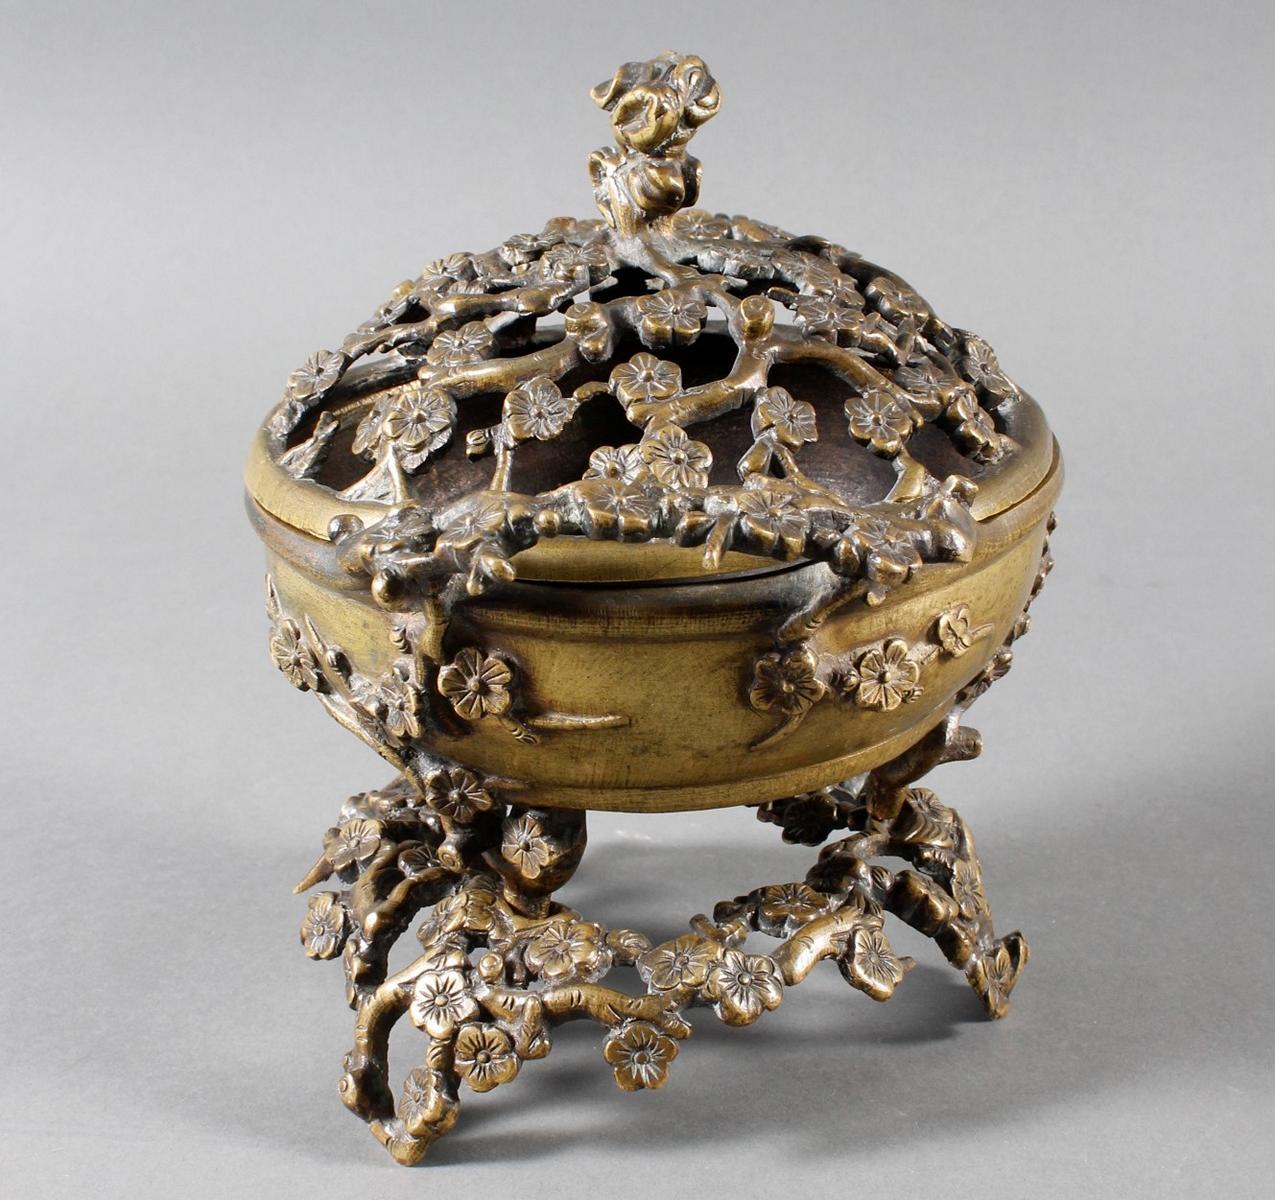 Dreiteiliger Bronze Koro, China 18. / 19. Jahrhundert-2